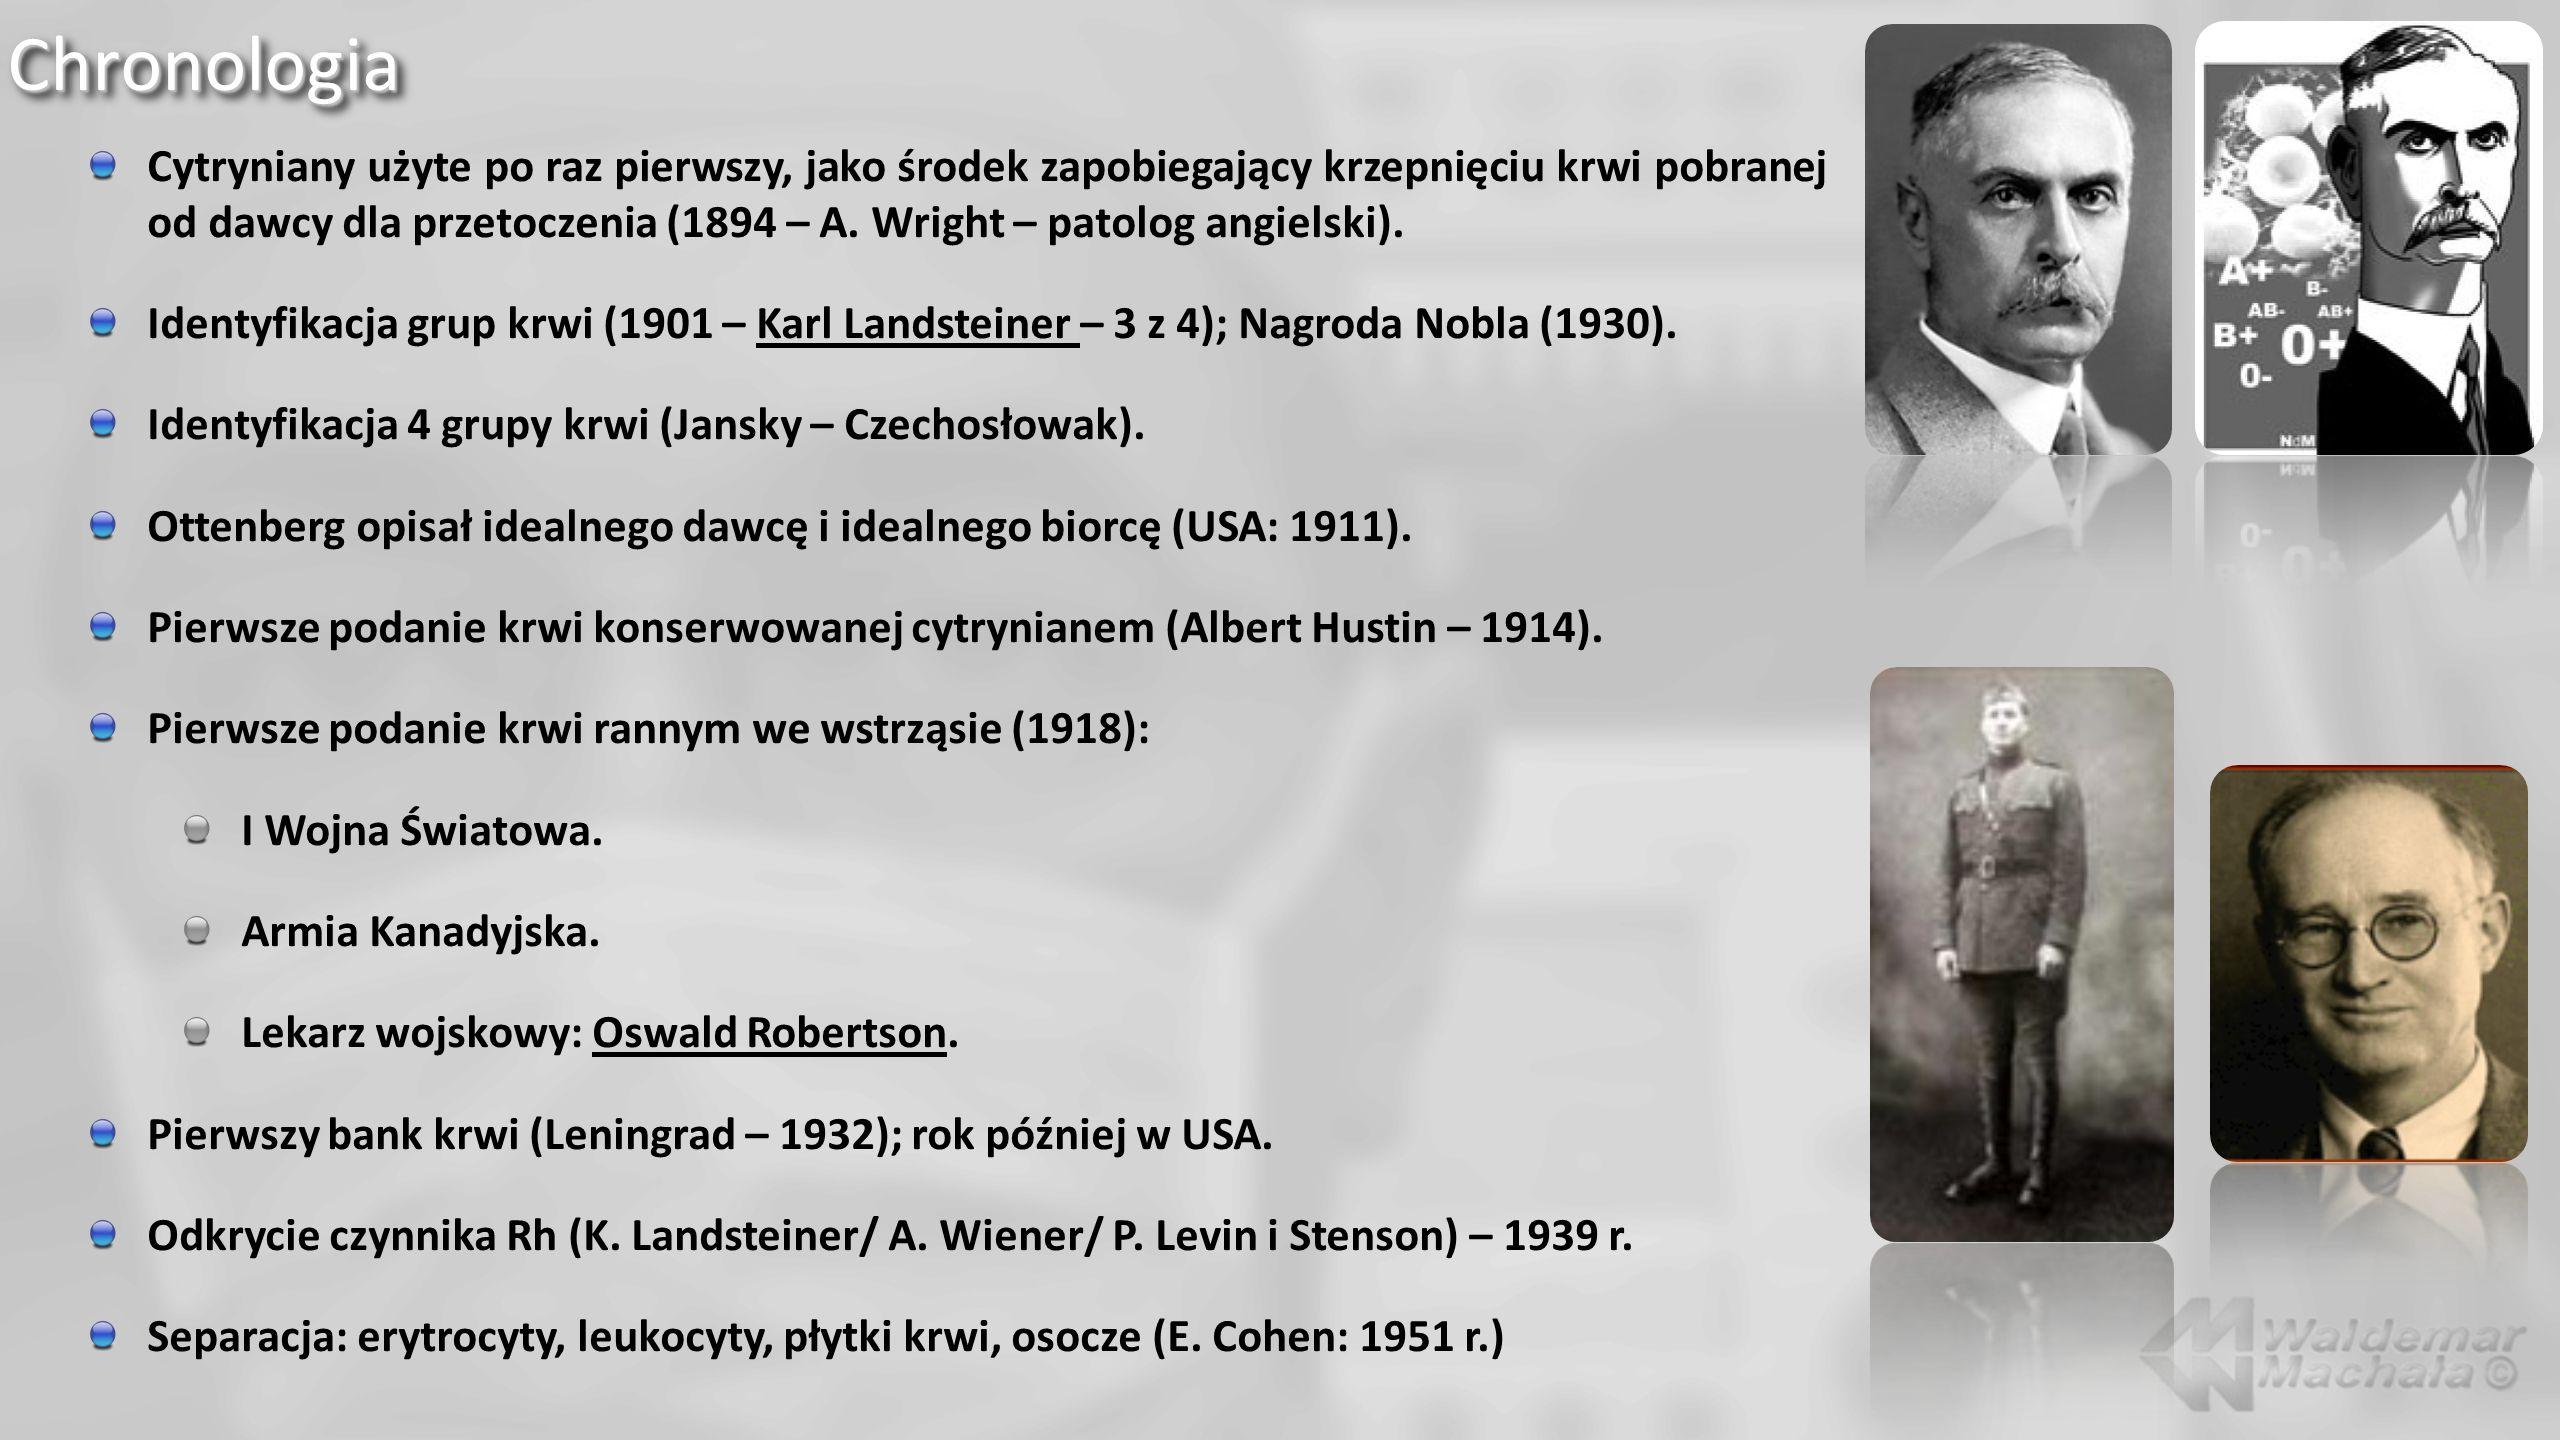 ChronologiaChronologia Cytryniany użyte po raz pierwszy, jako środek zapobiegający krzepnięciu krwi pobranej od dawcy dla przetoczenia (1894 – A.